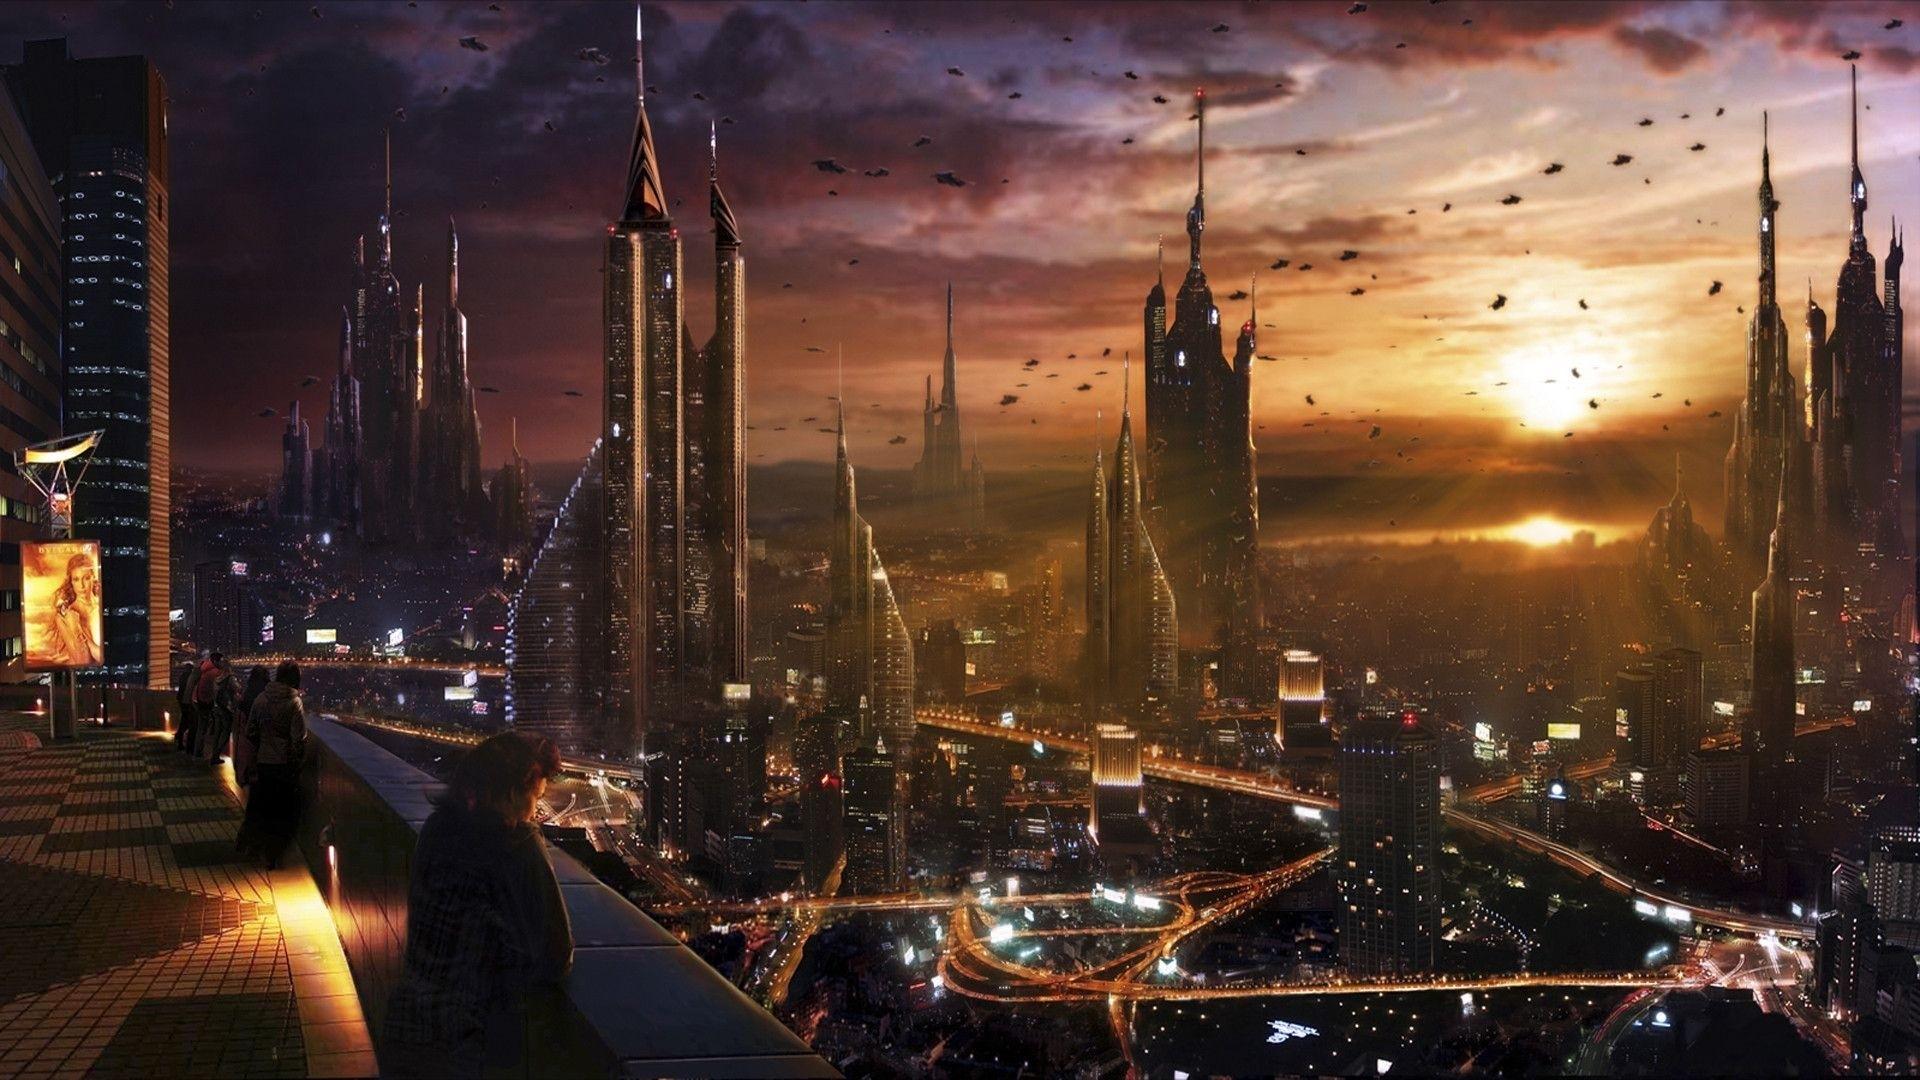 Futuristic Picture